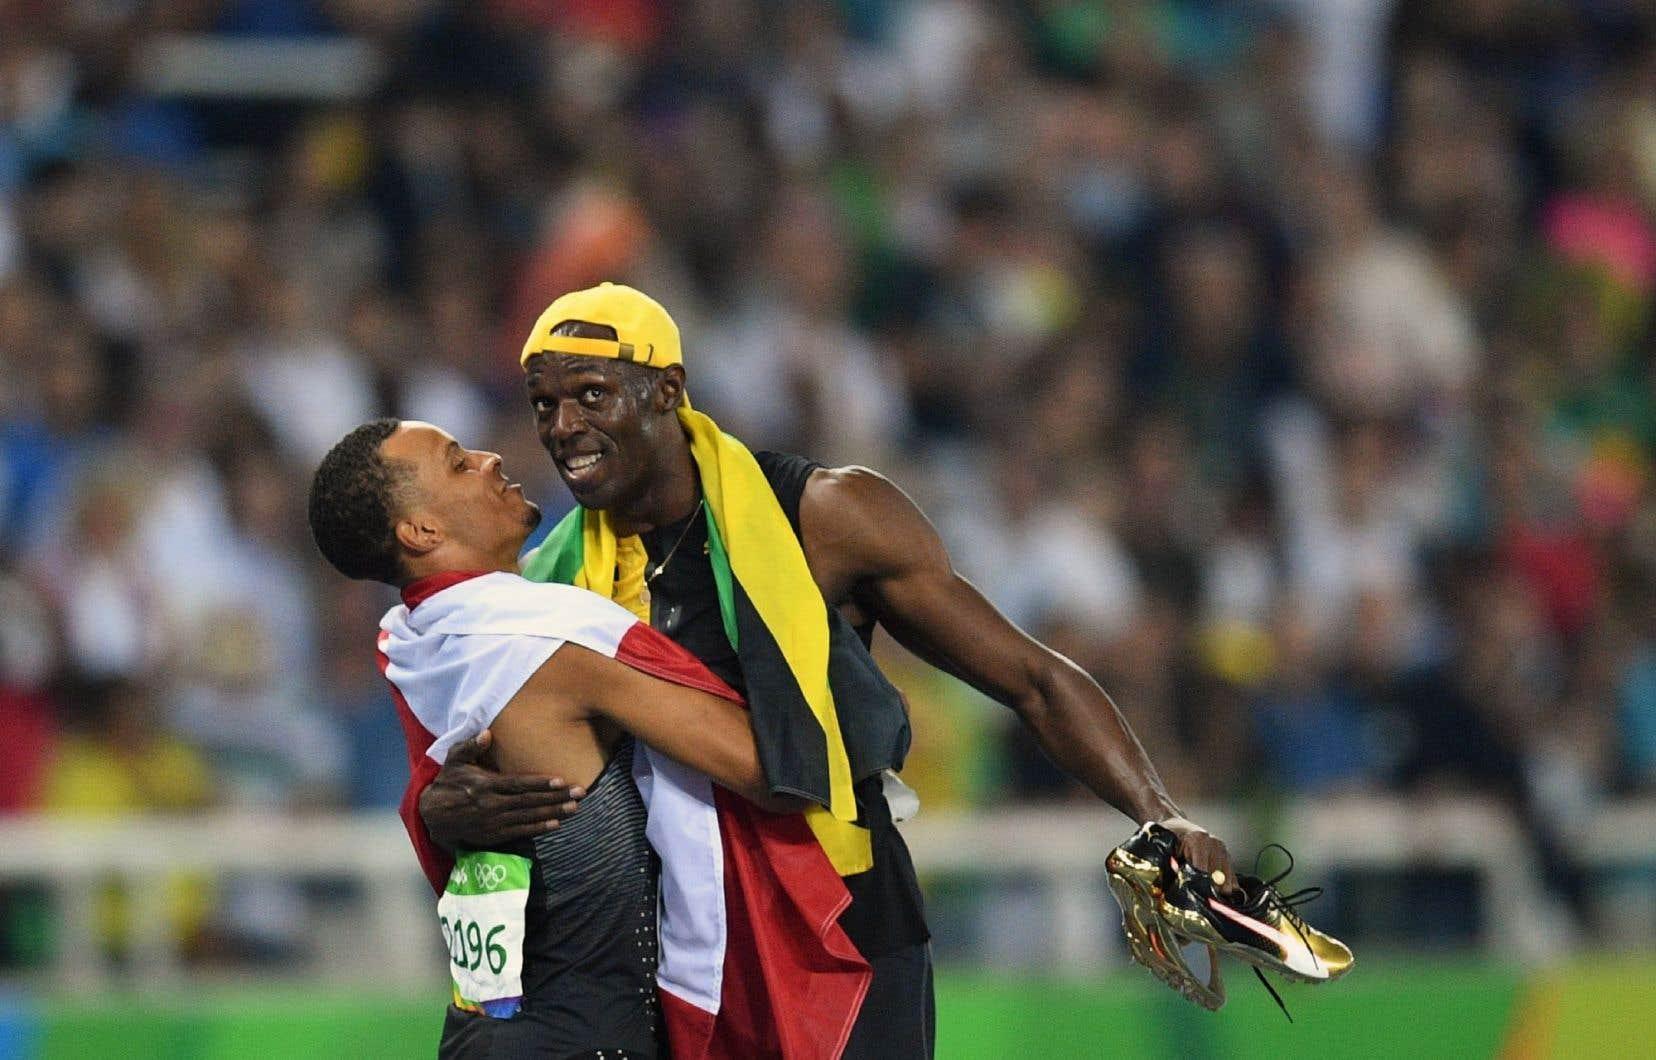 Le Jamaïcain Usain Bolt a de nouveau remporté le 100 mètres, épreuve reine des JO, tandis que le jeune Canadien Andre De Grasse a enlevé le bronze, derrière l'Américain Justin Gatlin, dont le retour après une suspension pour dopage a fait couler beaucoup d'encre.